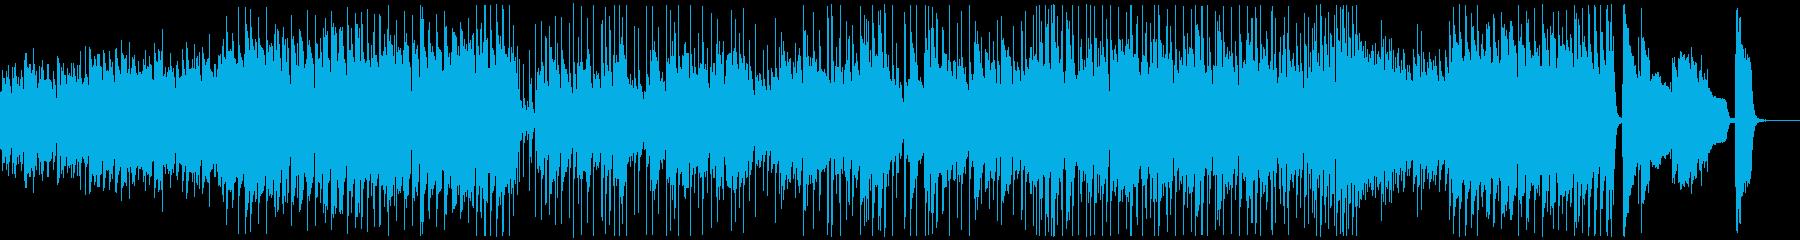 勢いのあるピアノメインのジャズロックの再生済みの波形